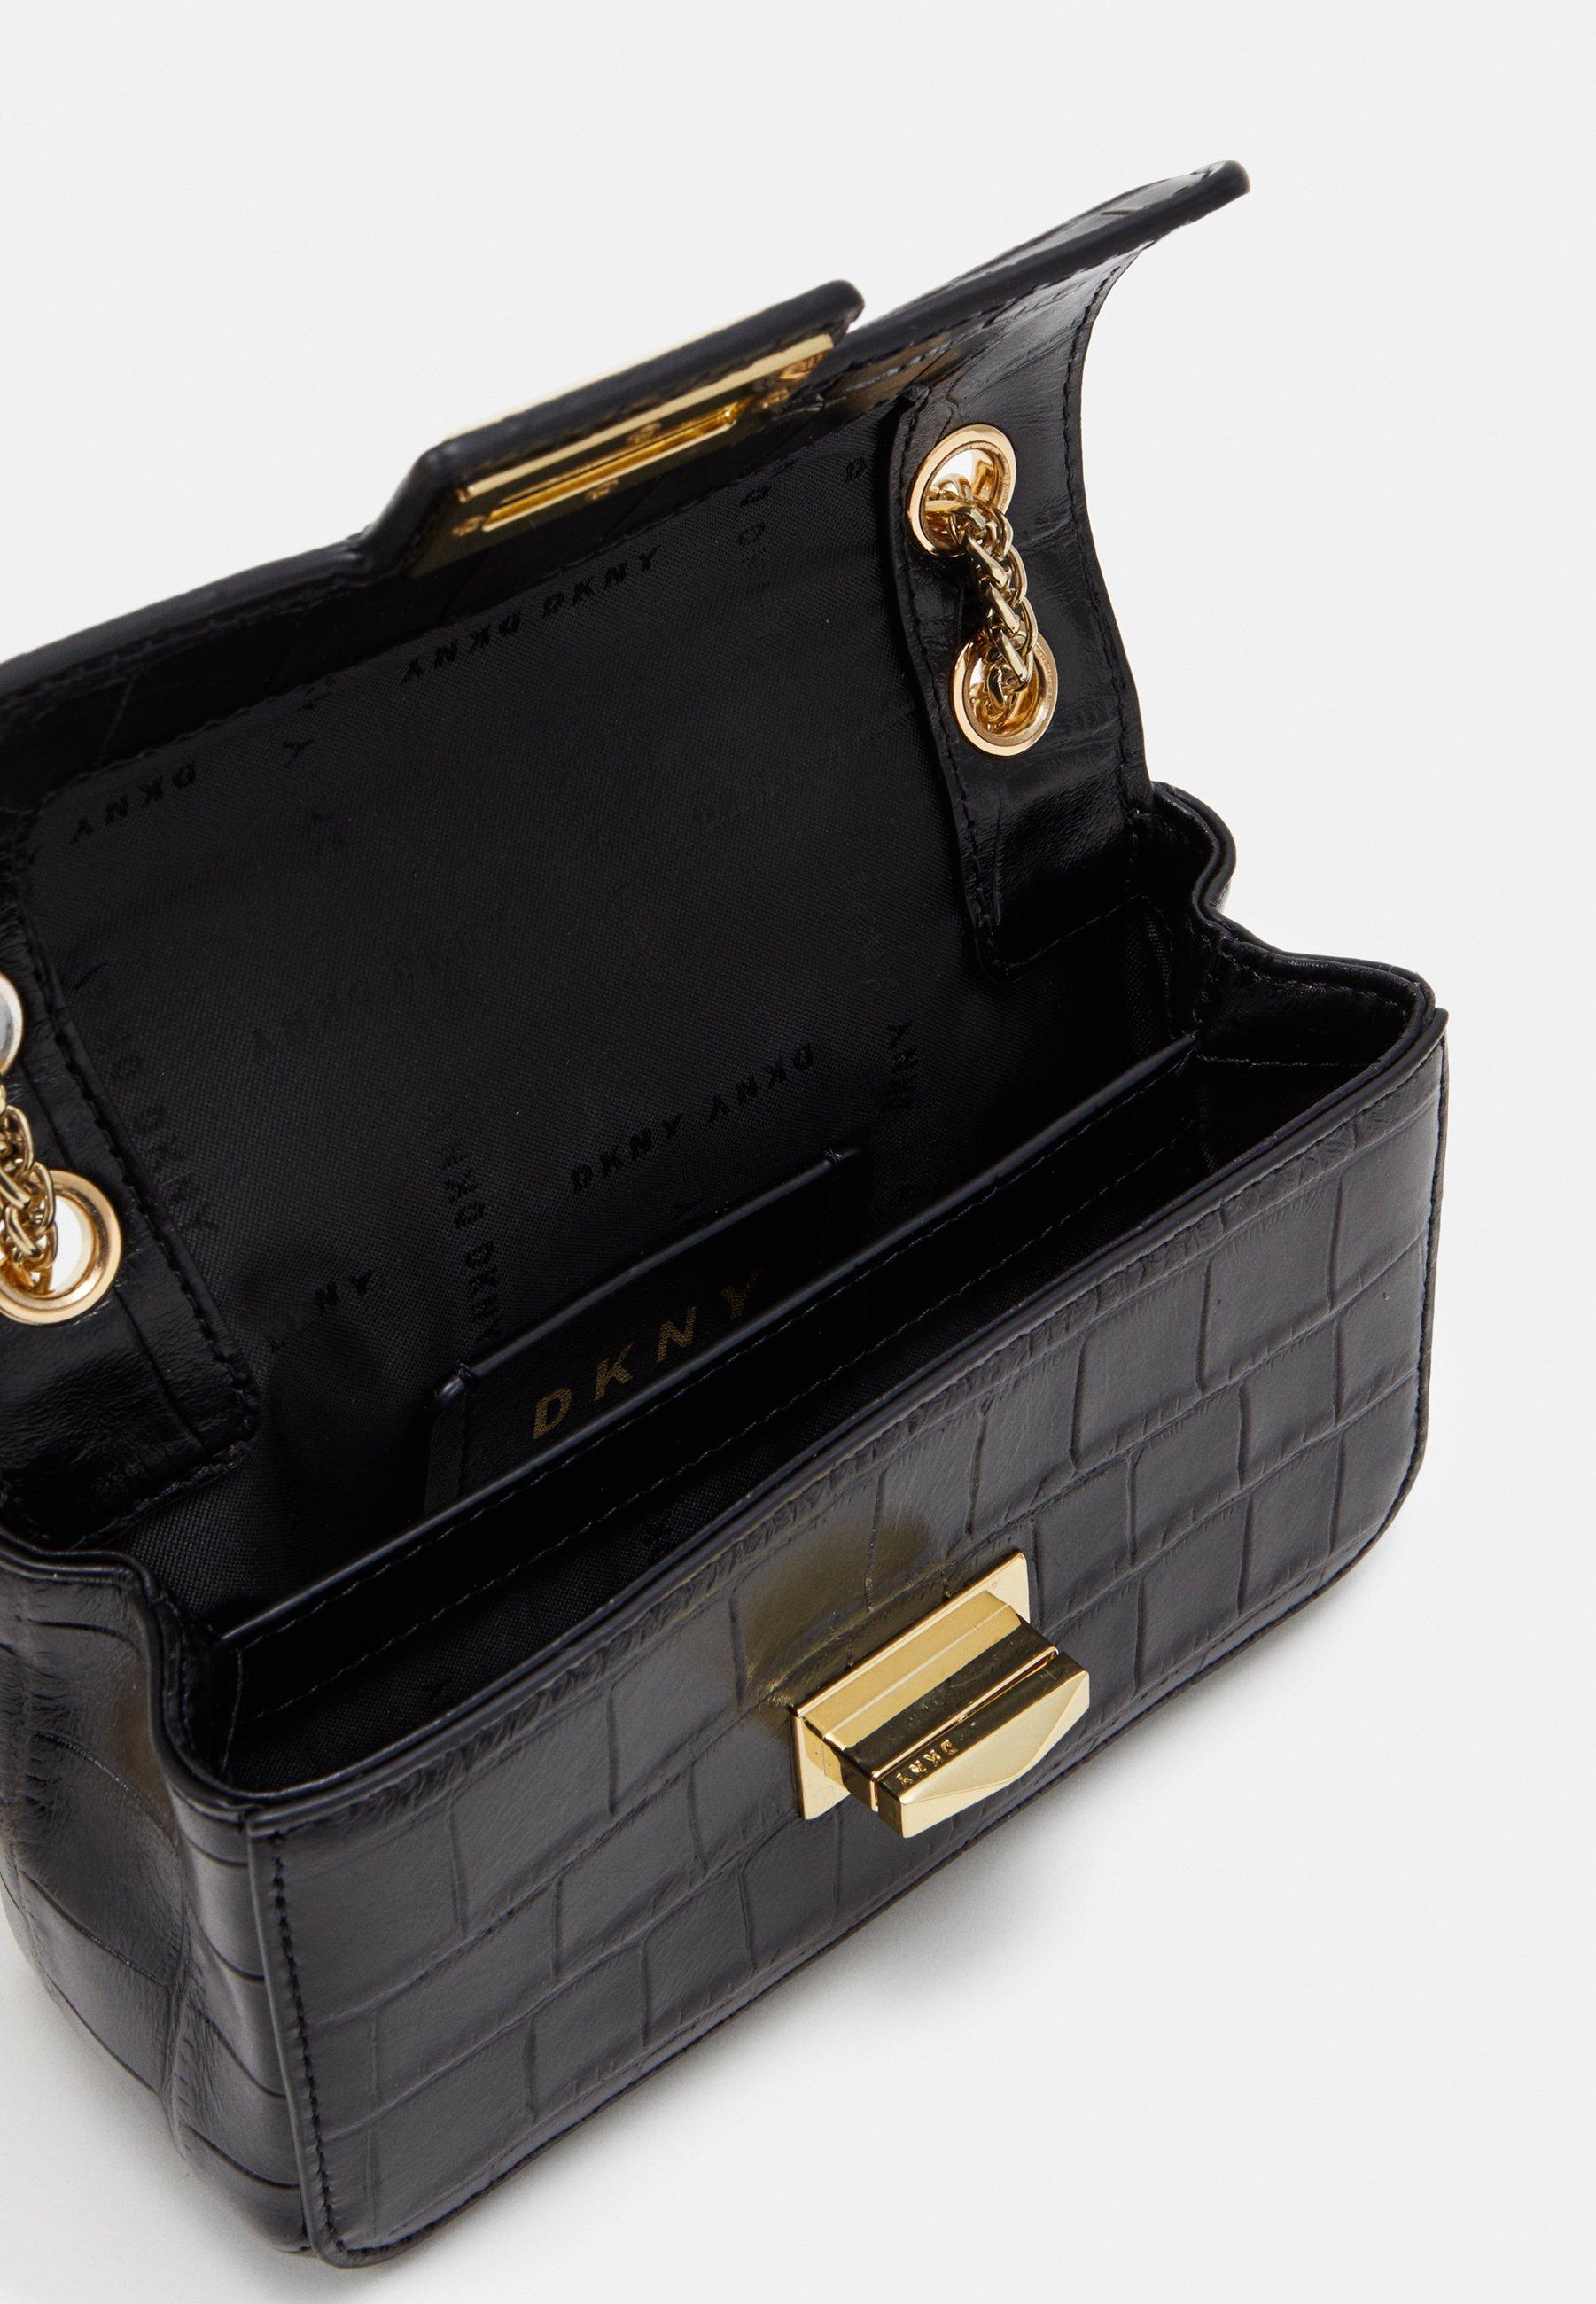 Accessori,Gioielli,Borse & Beauty care DKNY JOJO SMALL FLAP CBODY Borsa a tracolla black/gold